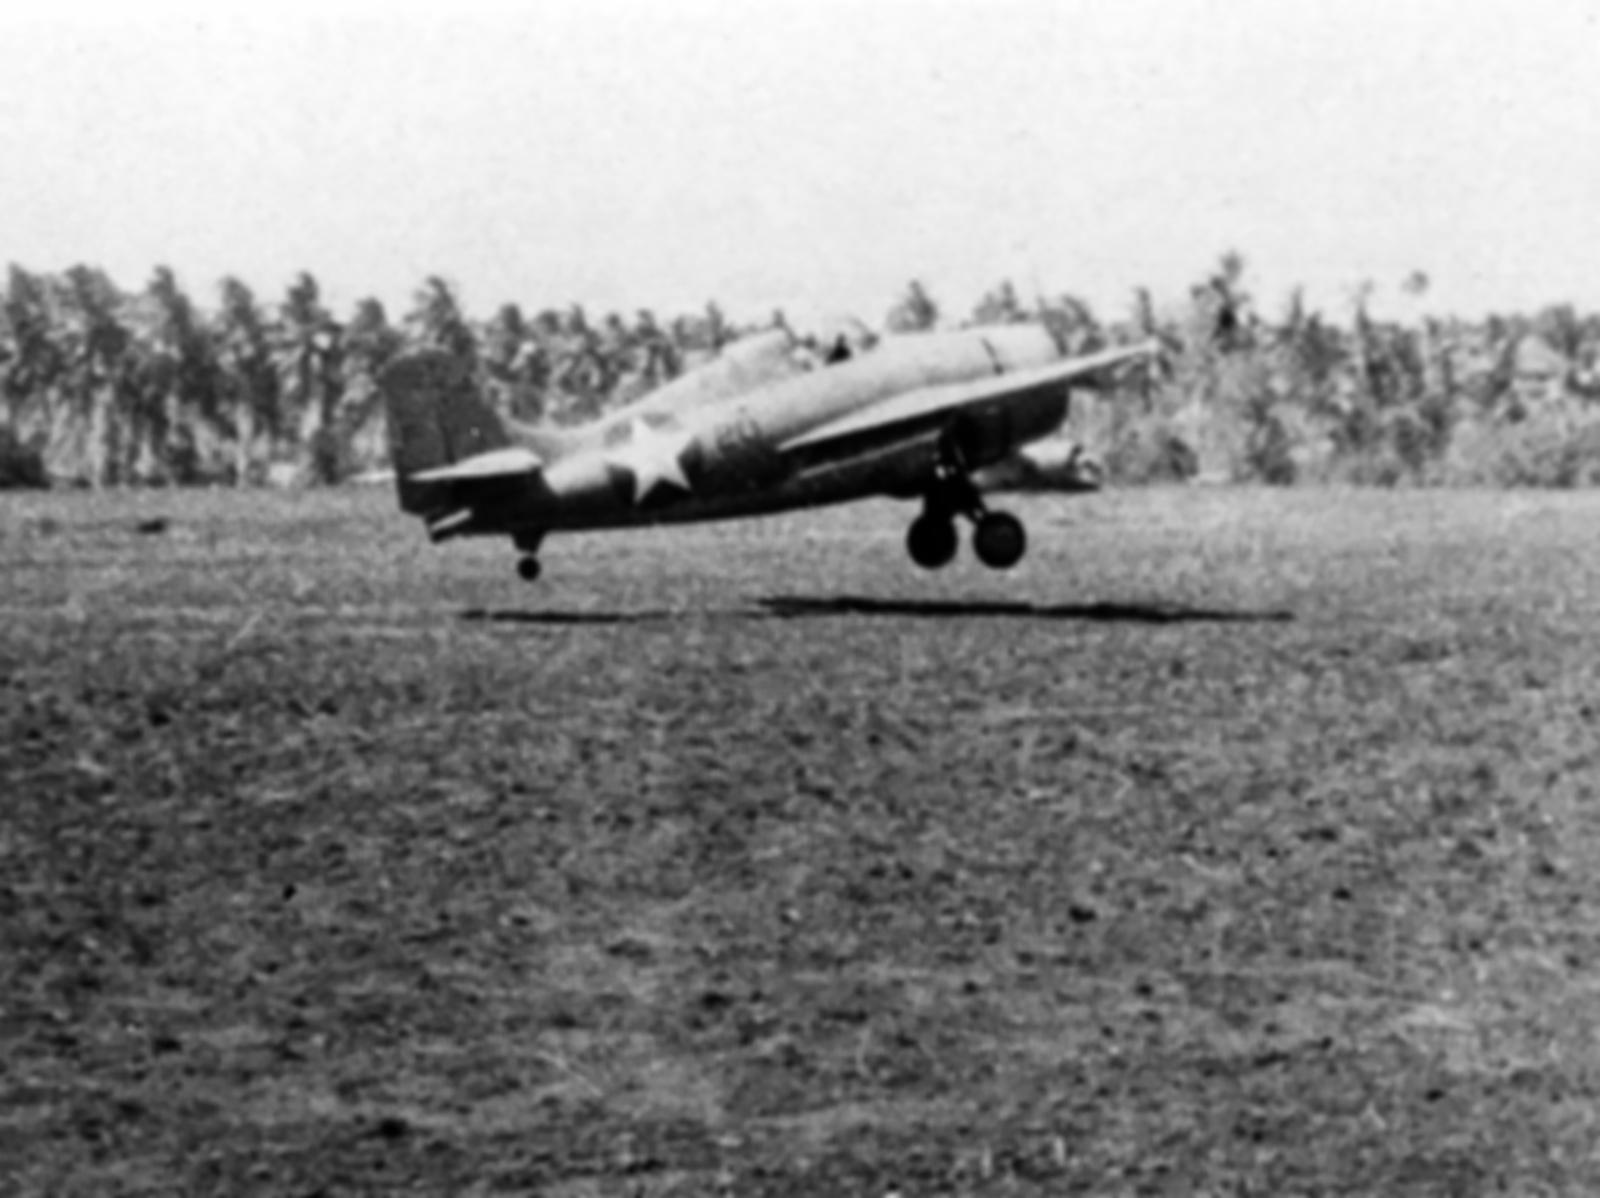 Grumman F4F 3 Wildcat VMF 121 Black 20 landing Henderson Field Guadalcanal 1942 01